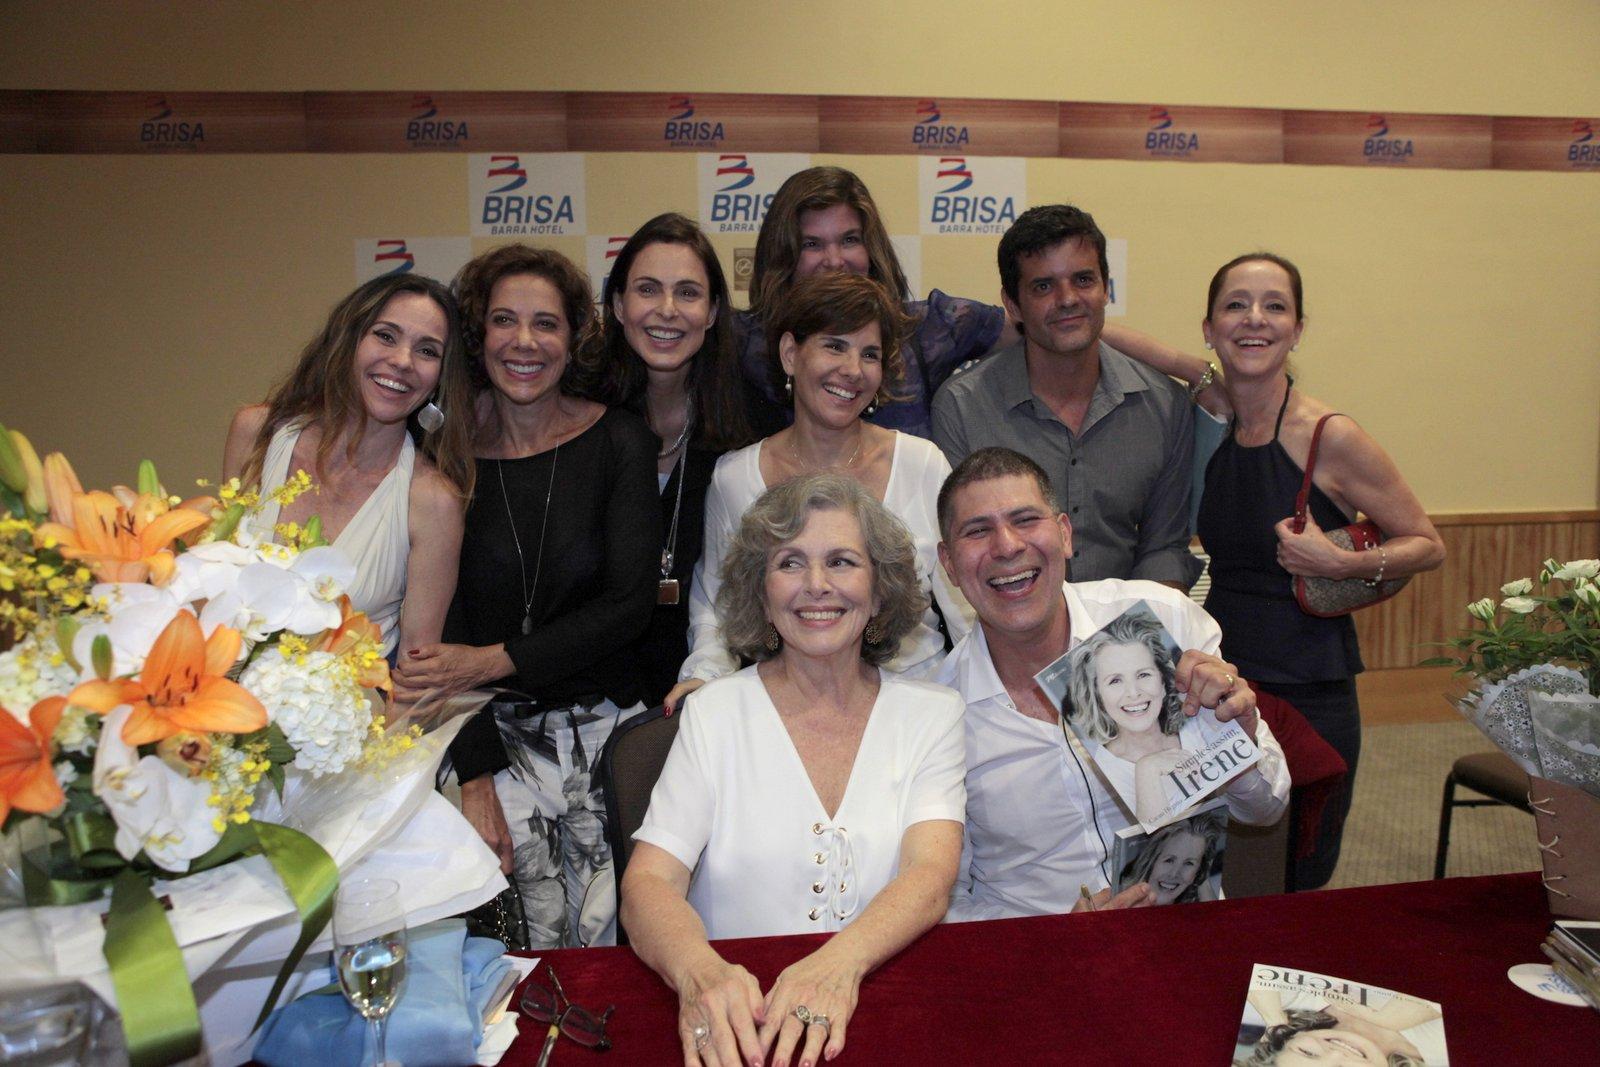 Irene Ravache recebe amigos famosos em lançamento de livro no Rio